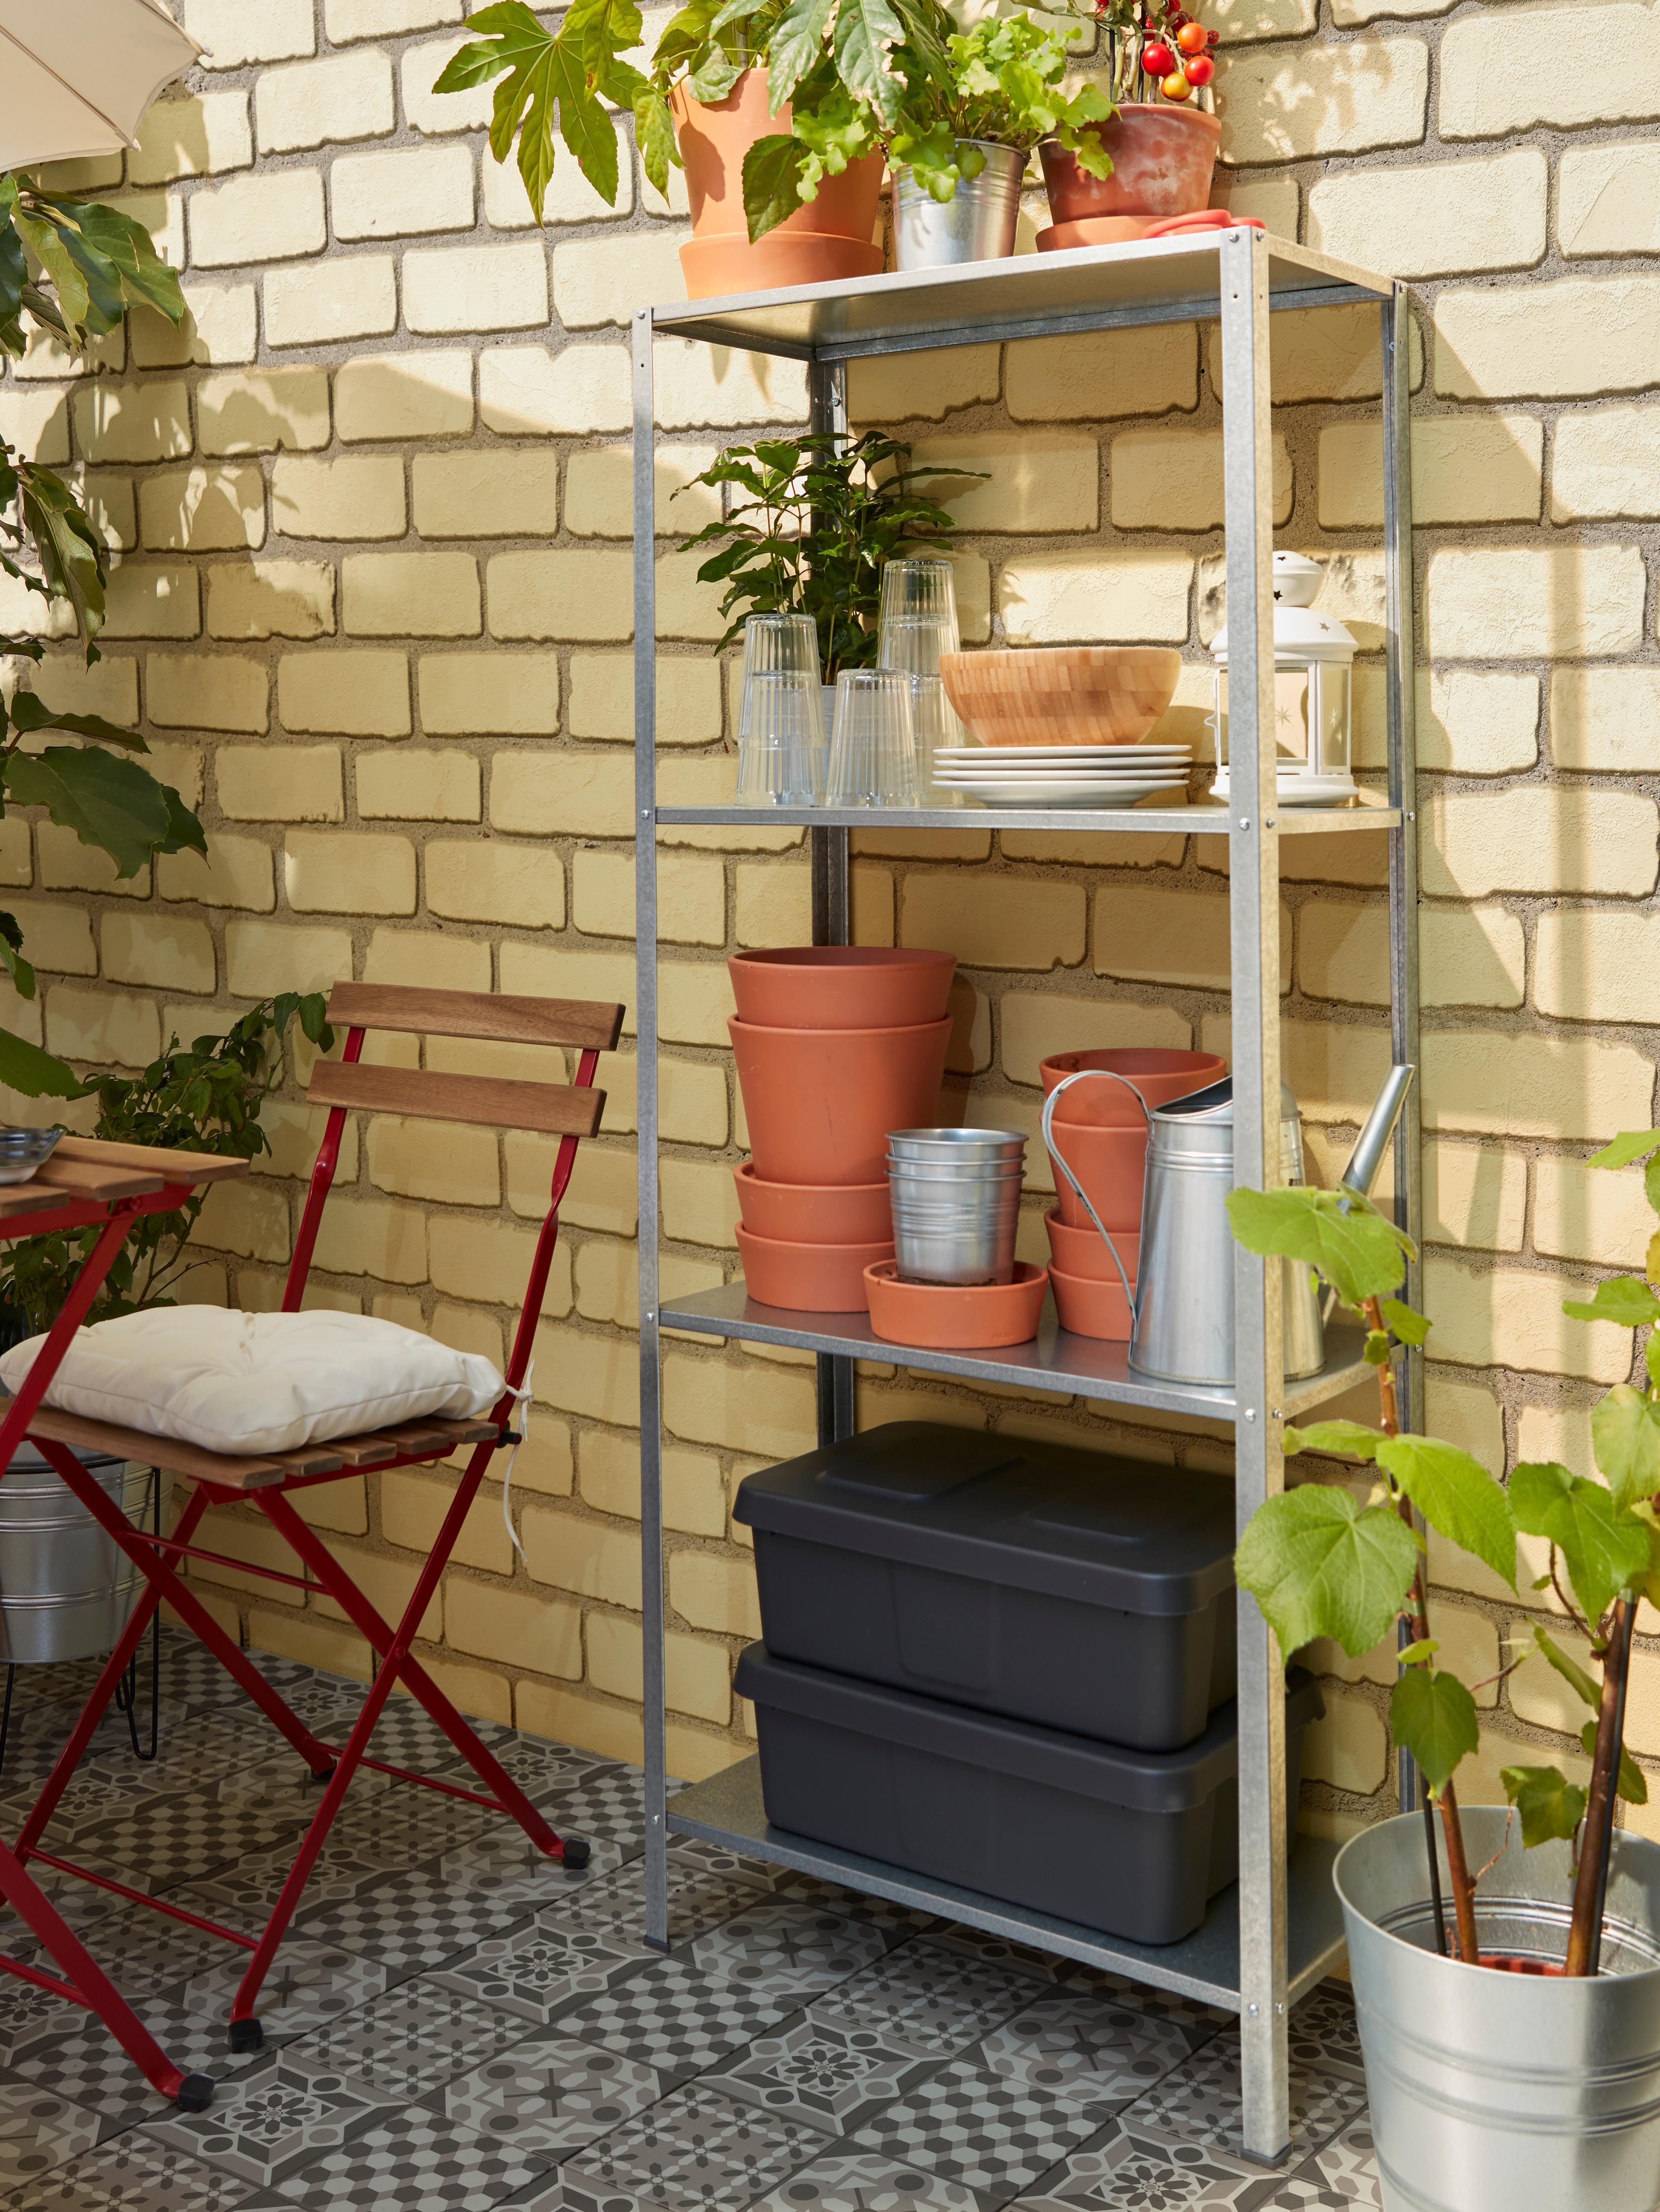 Scaffale a quattro ripiani con contenitori, vasi, piatti e bicchieri a portata di mano.